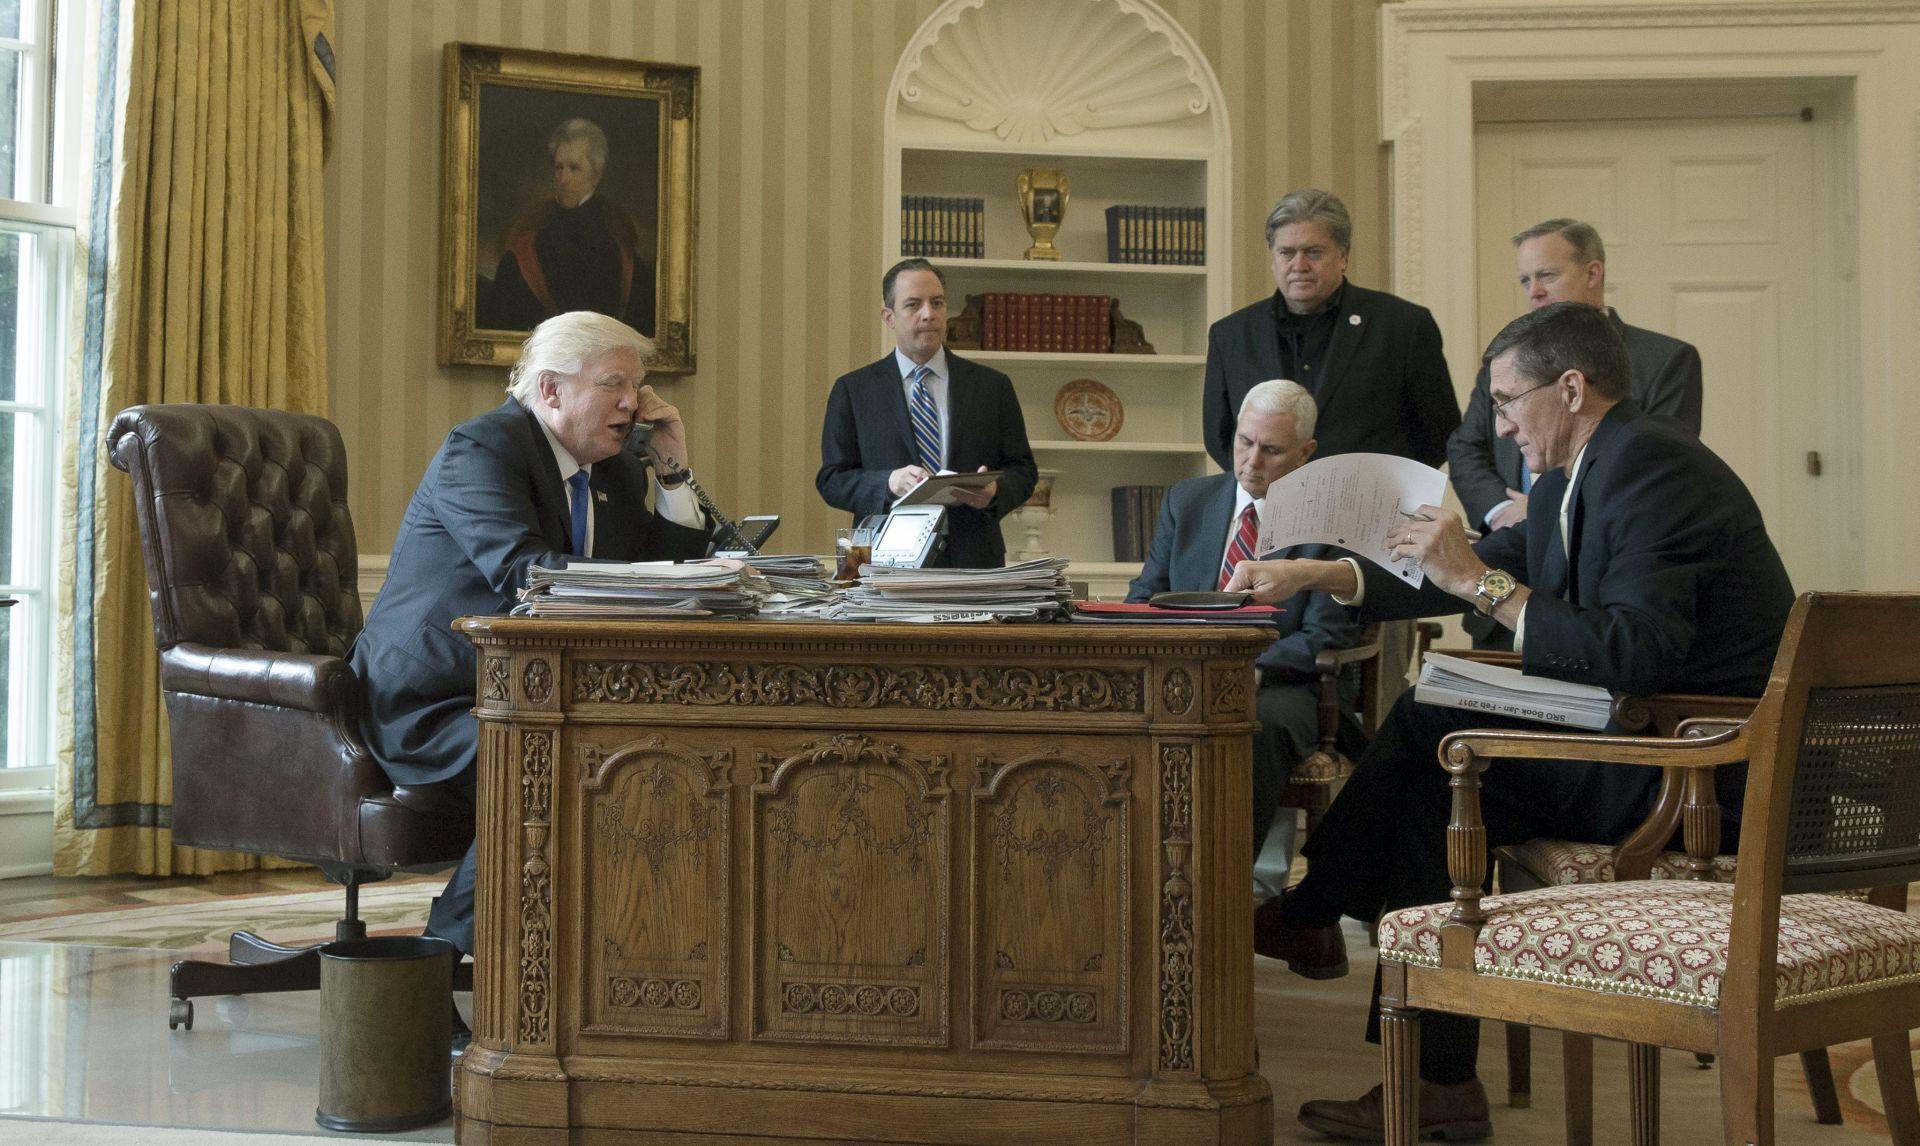 Trumpovim kandidatima za nacionalnu sigurnost obećana autonomija, tvrdi Bijela kuća